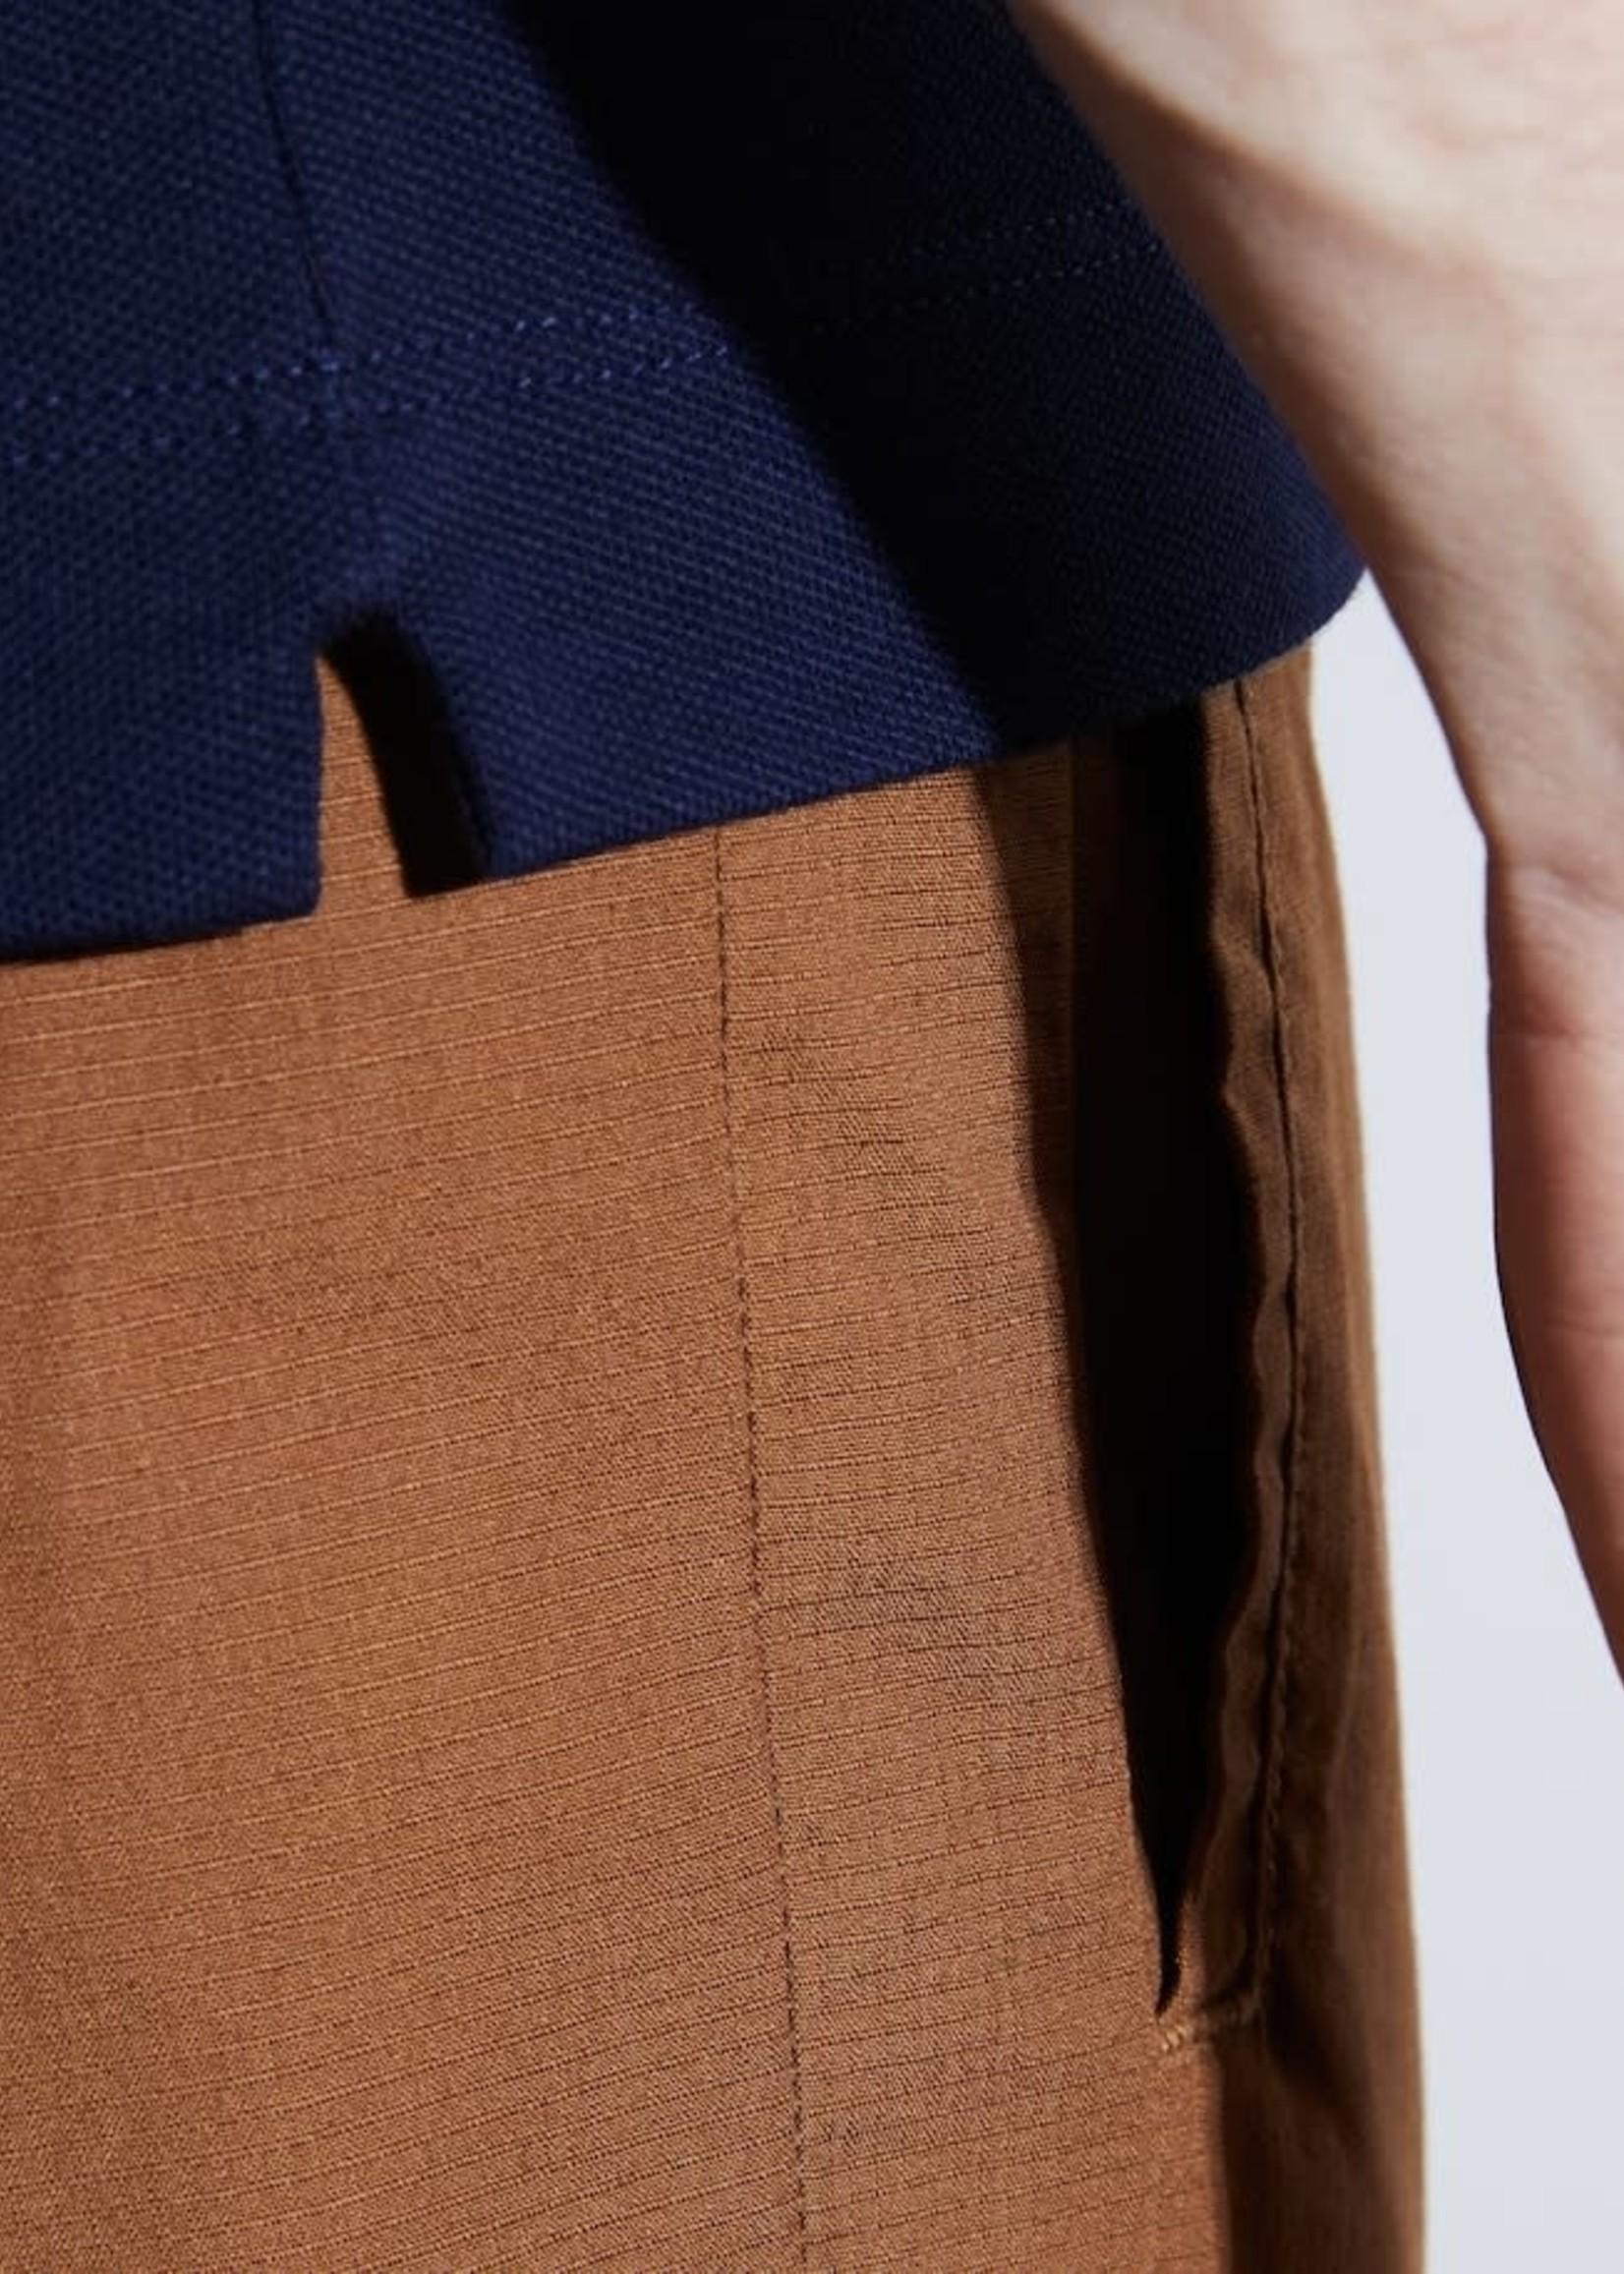 Lacoste Paris Edition Lacoste polo heren regular fit stretch katoenpiqué